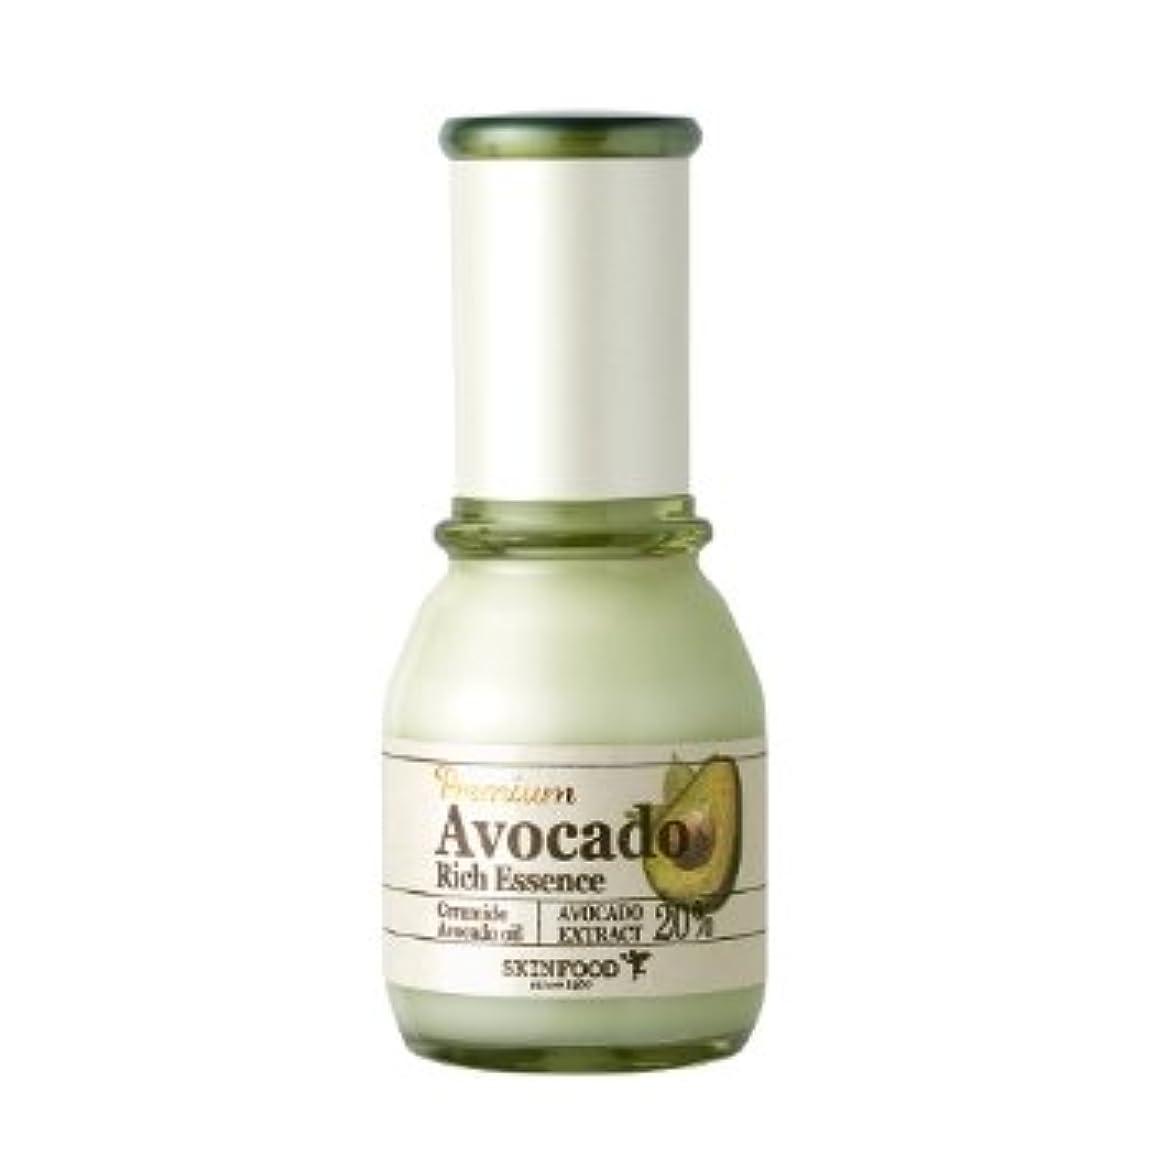 ポスト印象派考古学維持スキンフード [Skin Food] プレミアム アボカド リーチ エッセンス 50ml / Premium Avocado Rich Essence 海外直送品